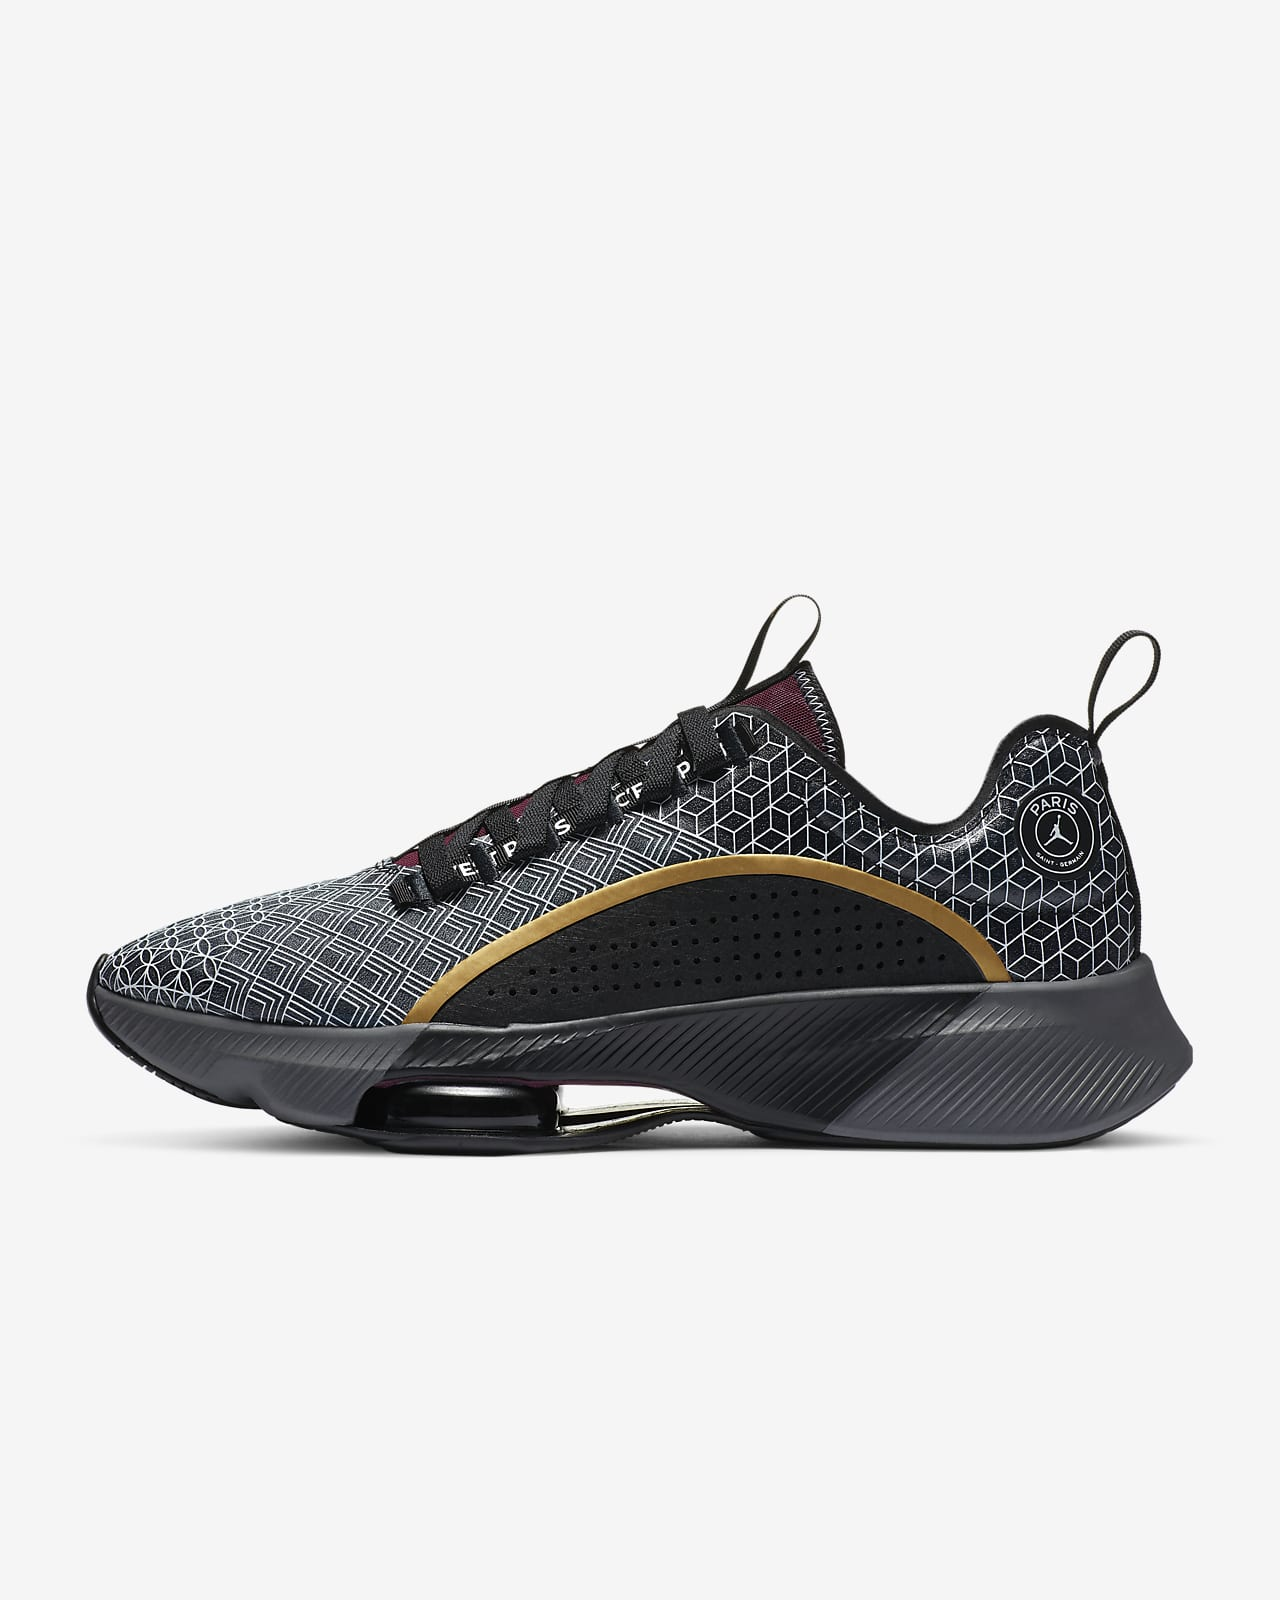 Jordan Air Zoom Renegade x Paris Saint-Germain Shoe